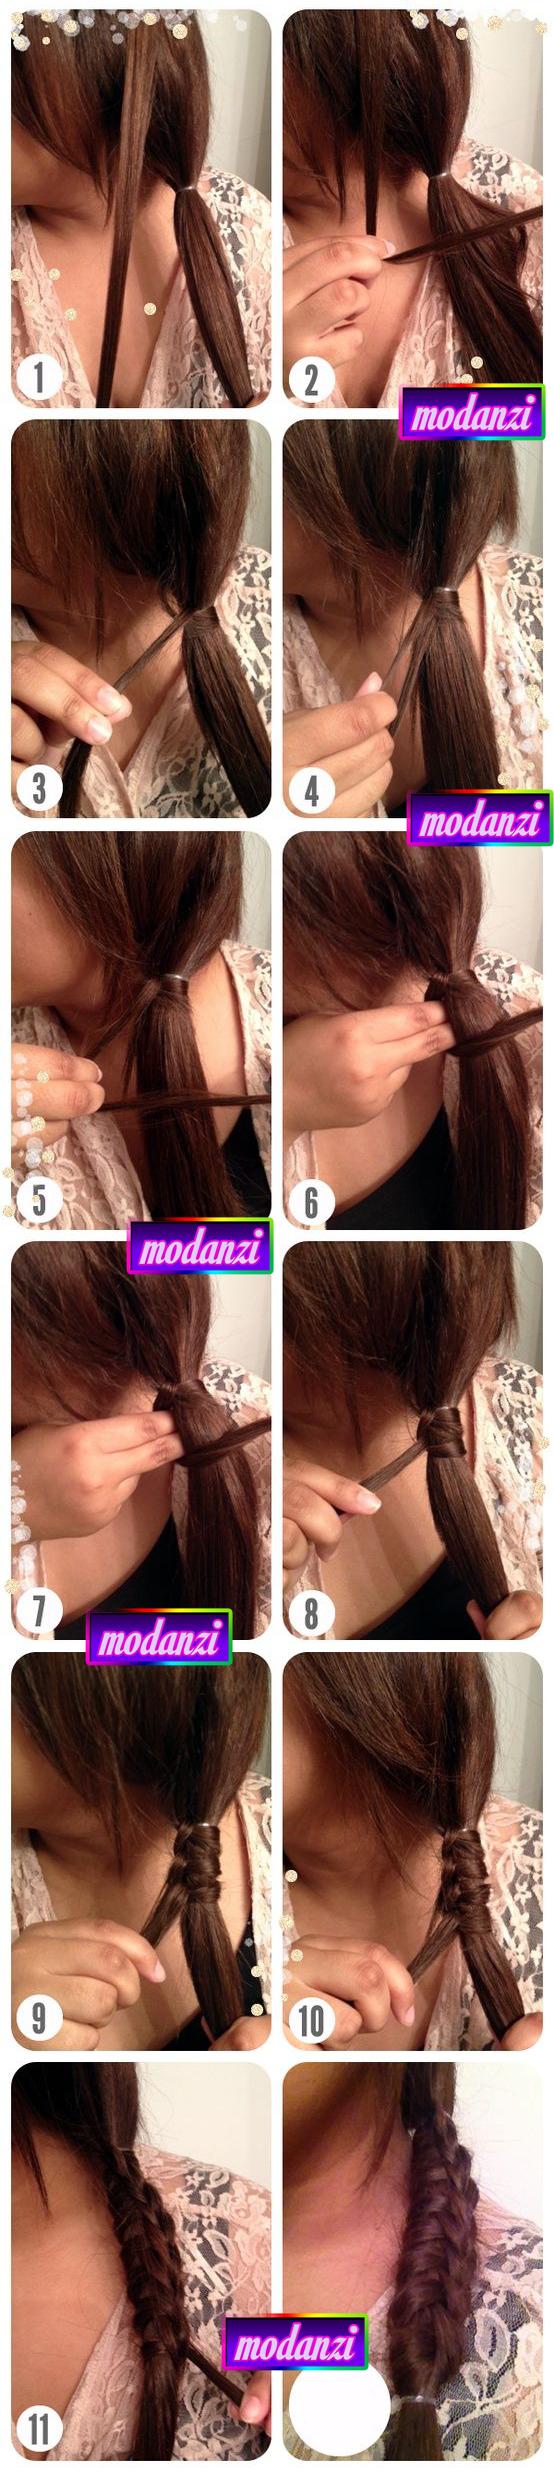 Çin Merdiven Örgüsü Saç Modeli Nasıl Yapılır ? ( Resimli Anlatım )